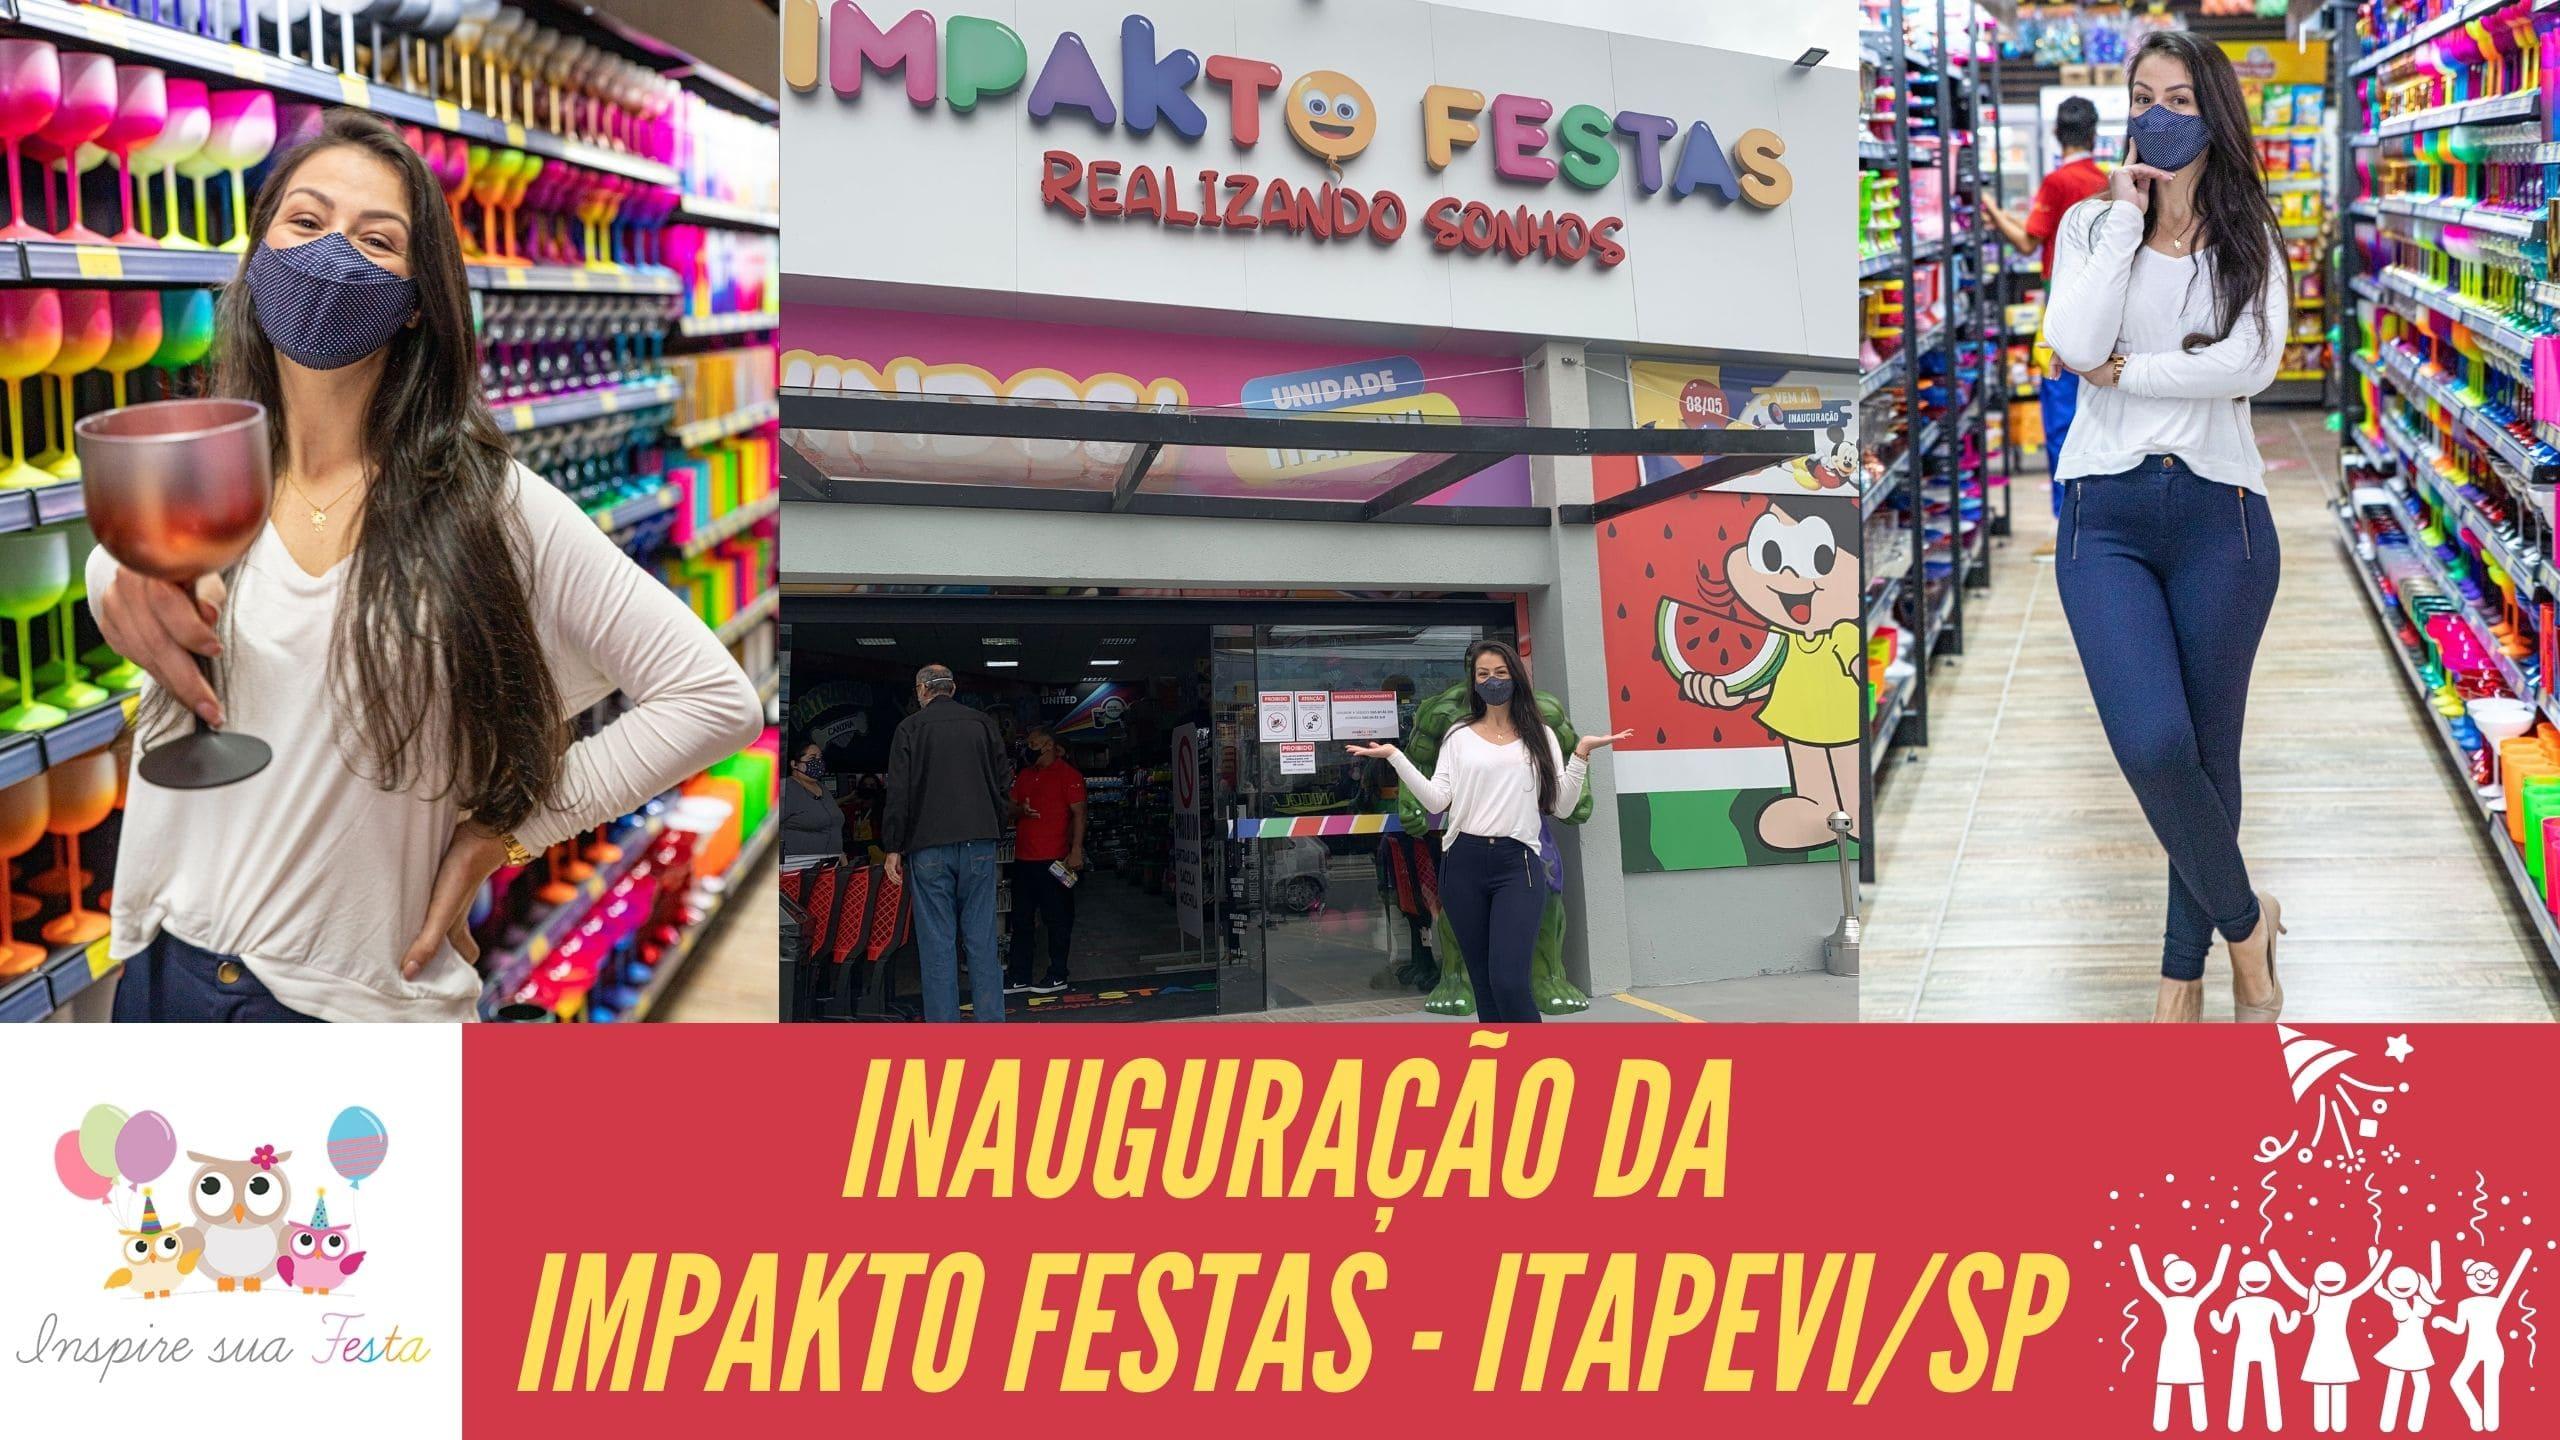 Inauguração da Loja Impakto Festas em Itapevi/SP – Loja de artigos para festa